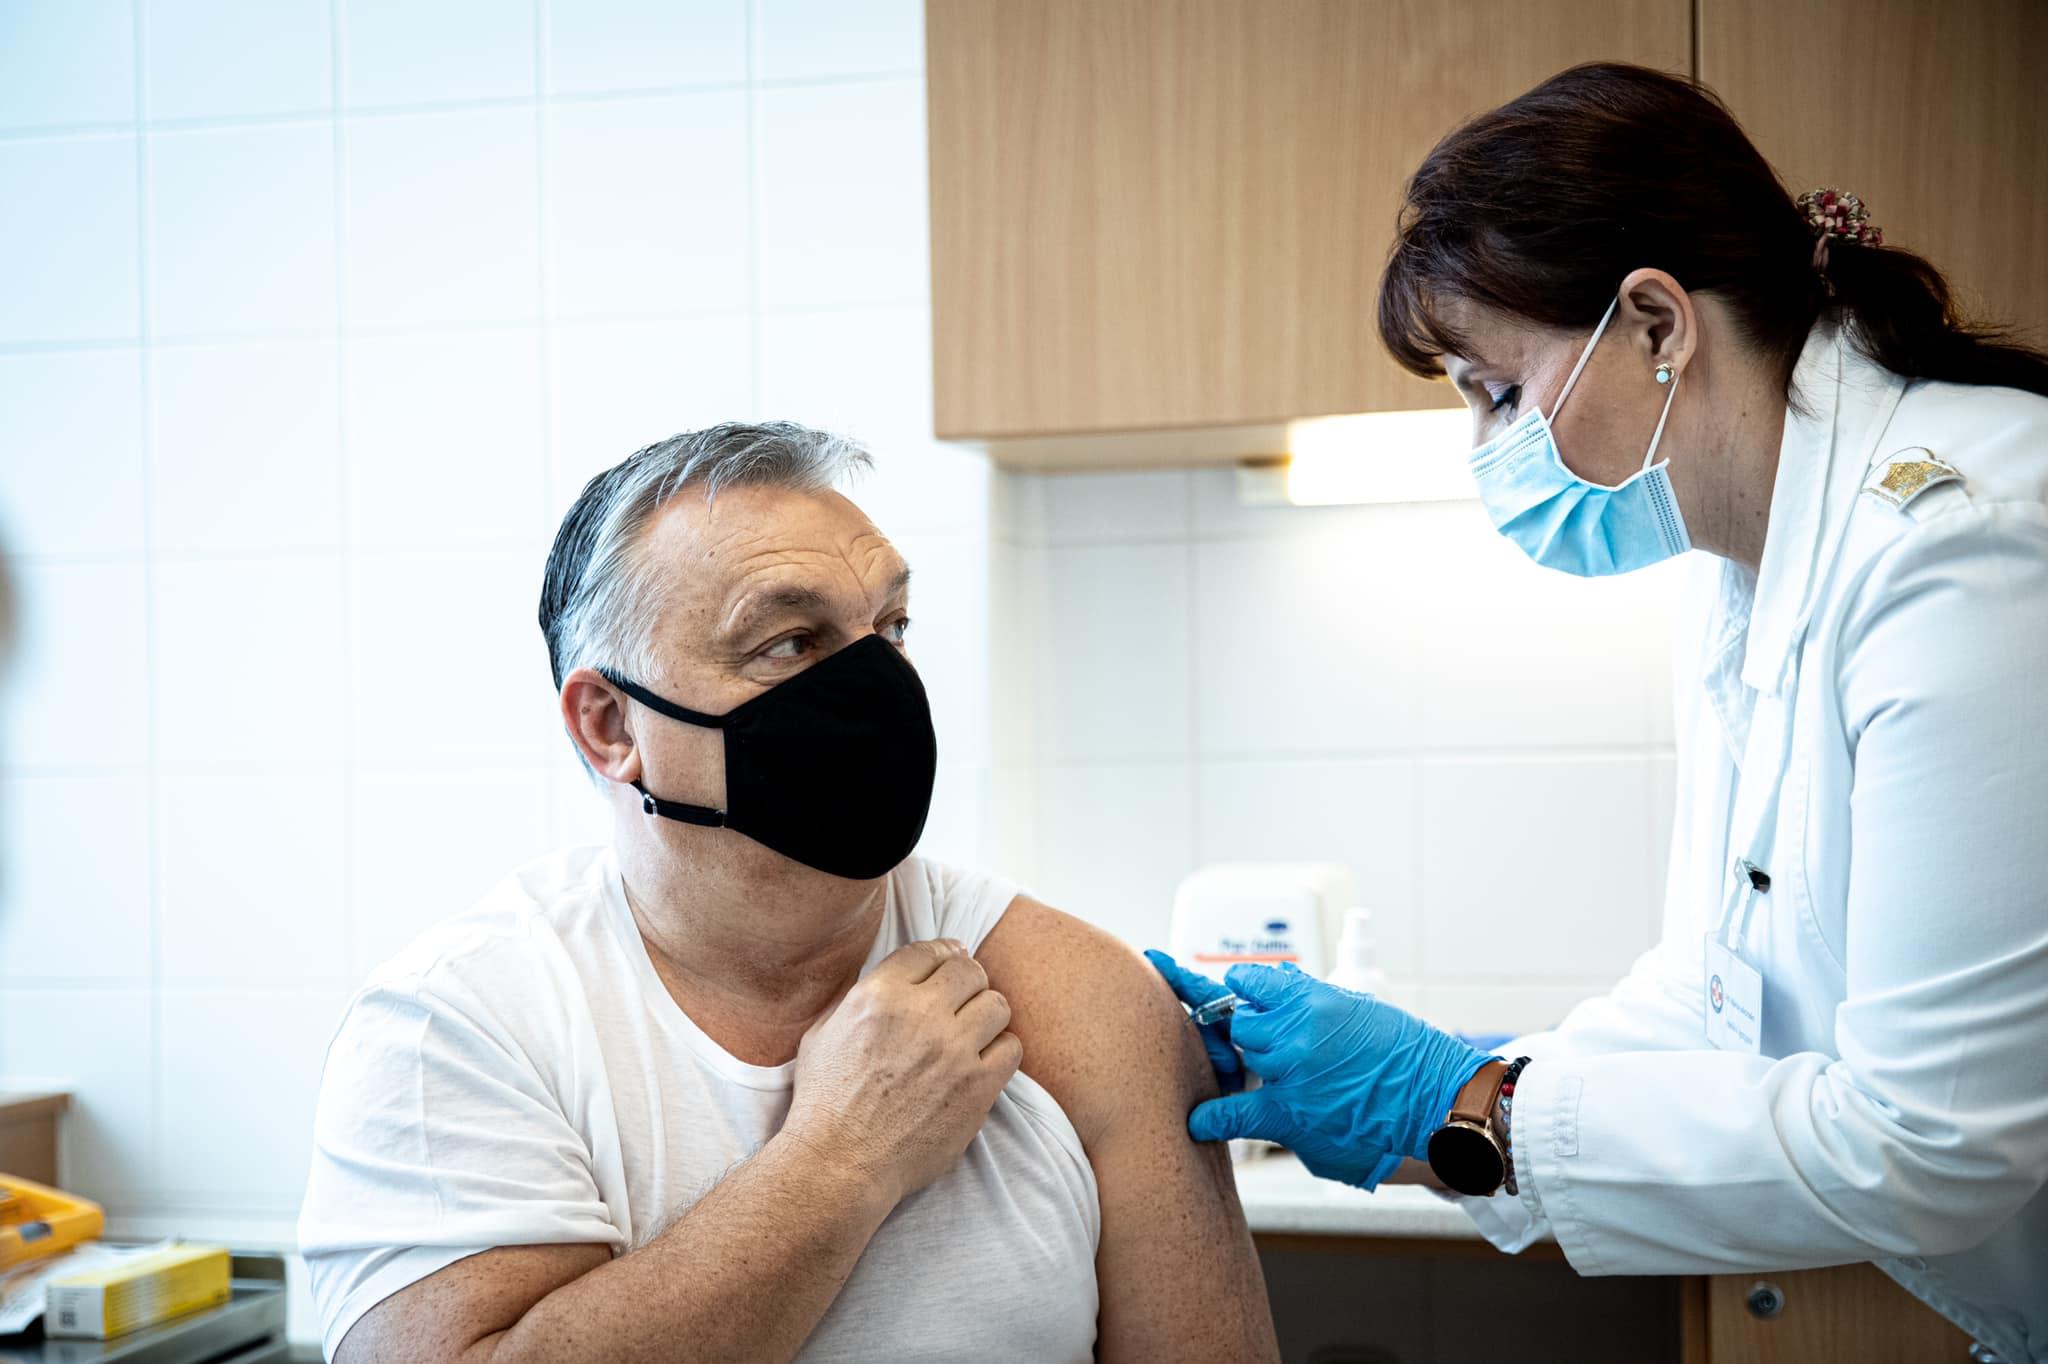 A kormány nem akarja beismerni, pedig világos: a kínai vakcina sok idősnél nem működik megfelelően